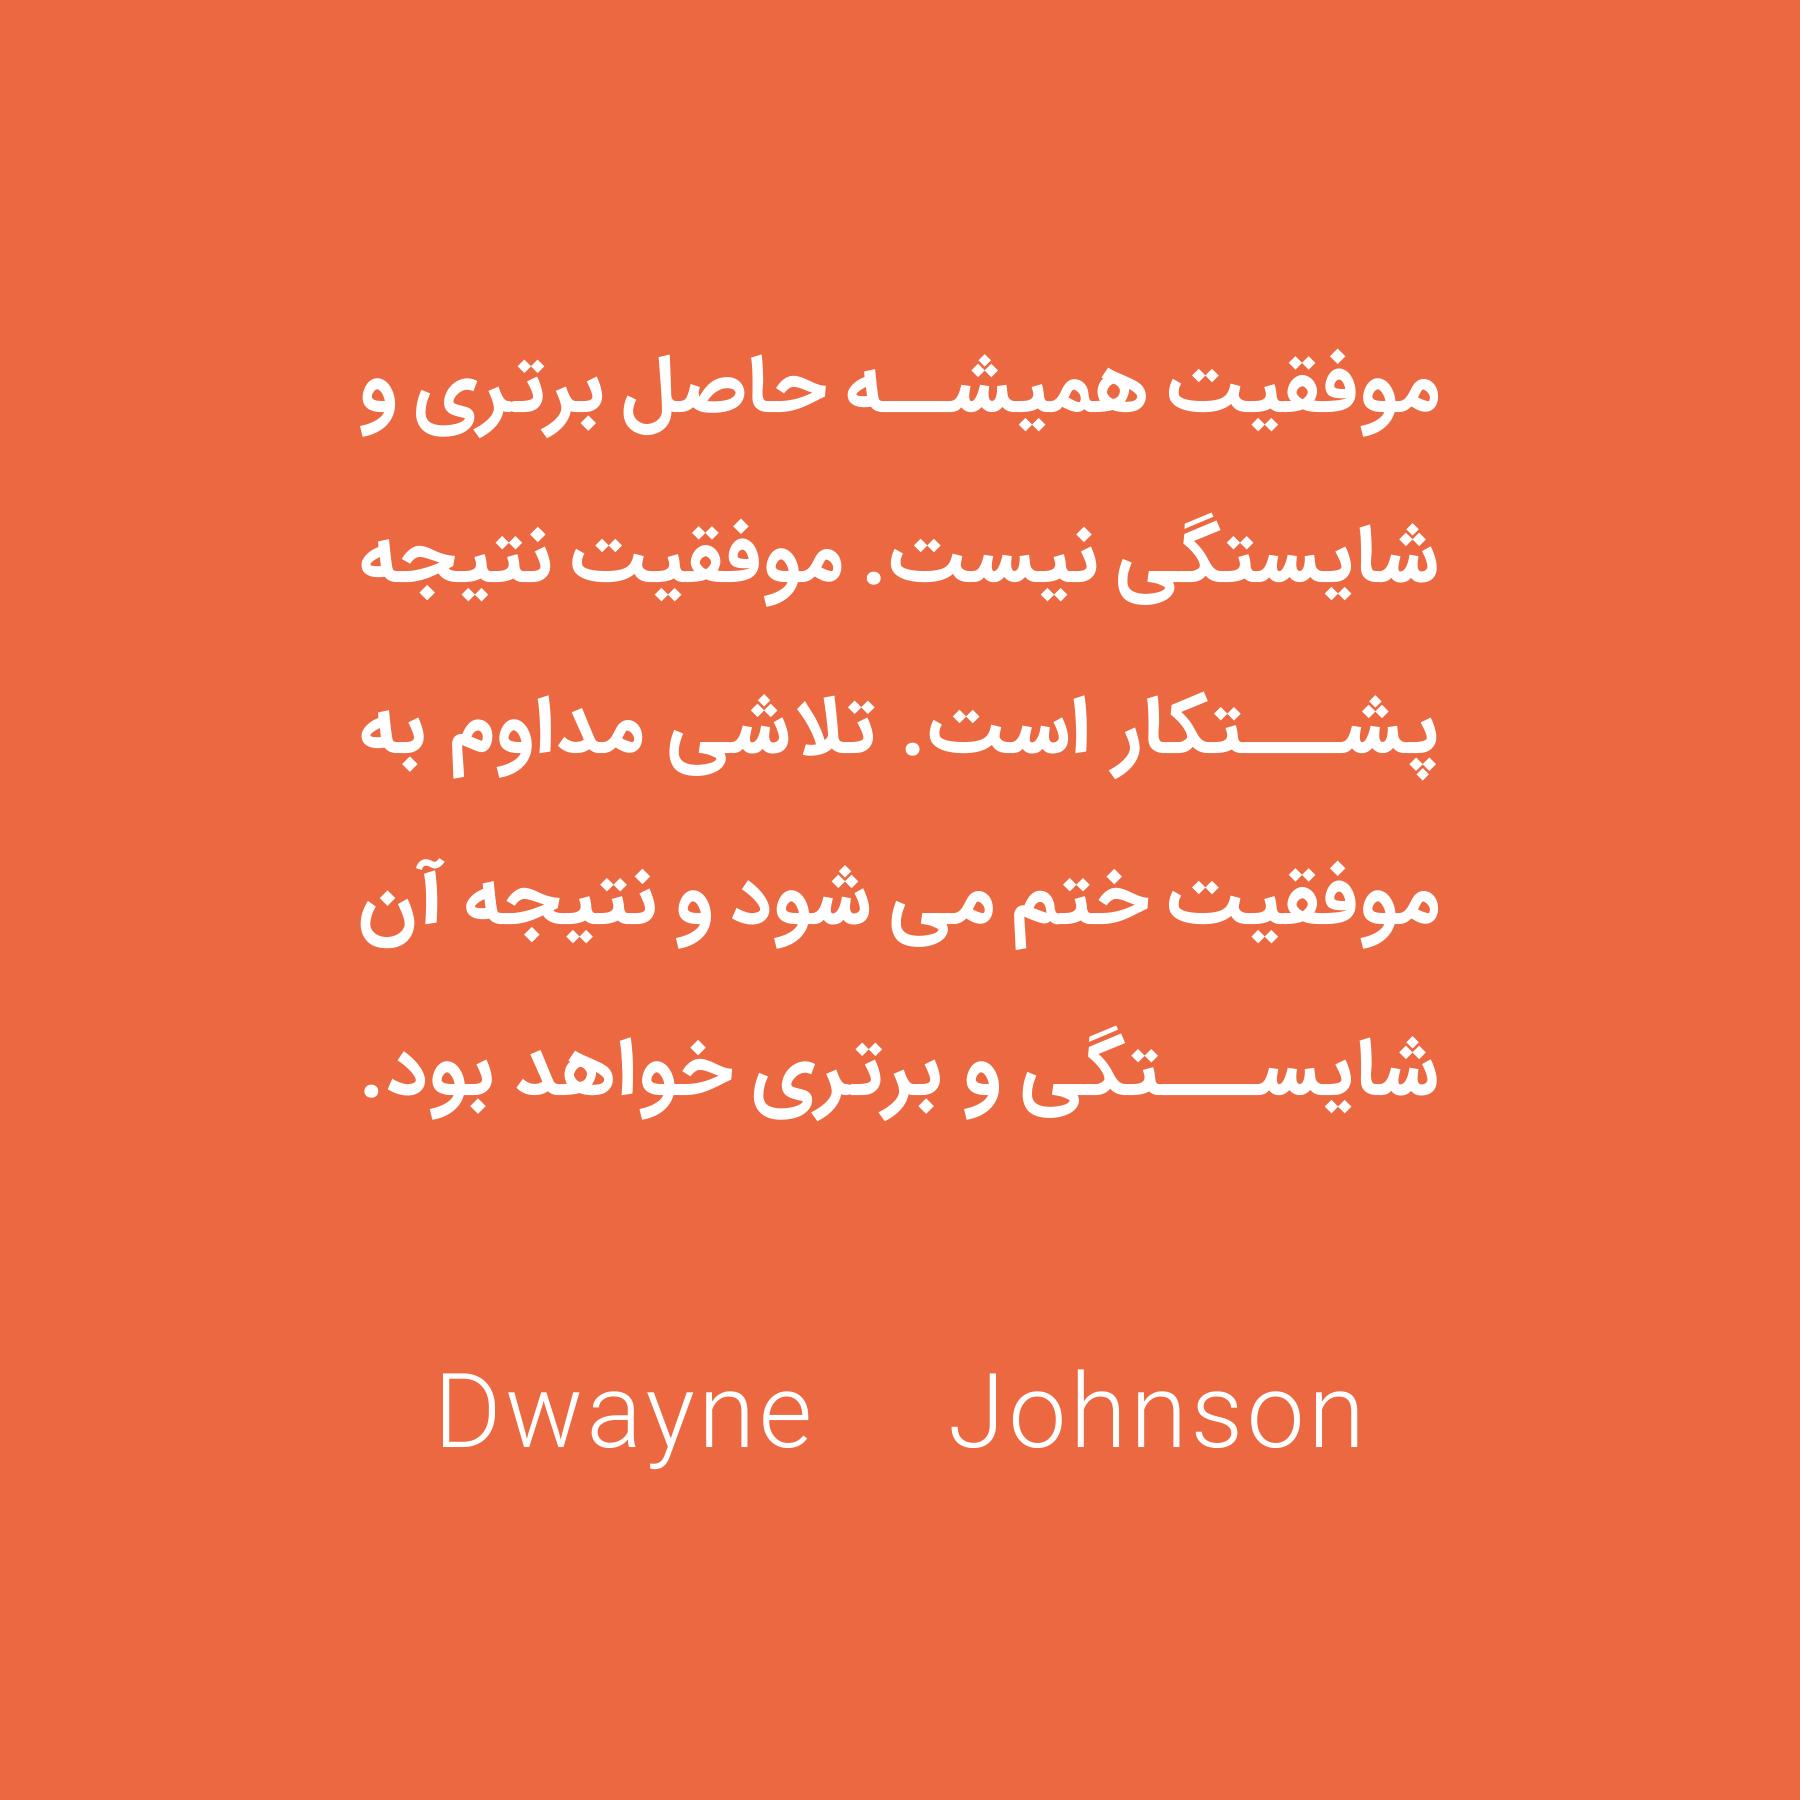 موفقیت همیشه حاصل برتری و . شایستگی نیست. موفقیت نتیجه . پشتکار است. تلاشی مداوم به . موفقیت ختم می شود و نتیجه آن . شایستگی و برتری خواهد بود. . Dwayne Johnson